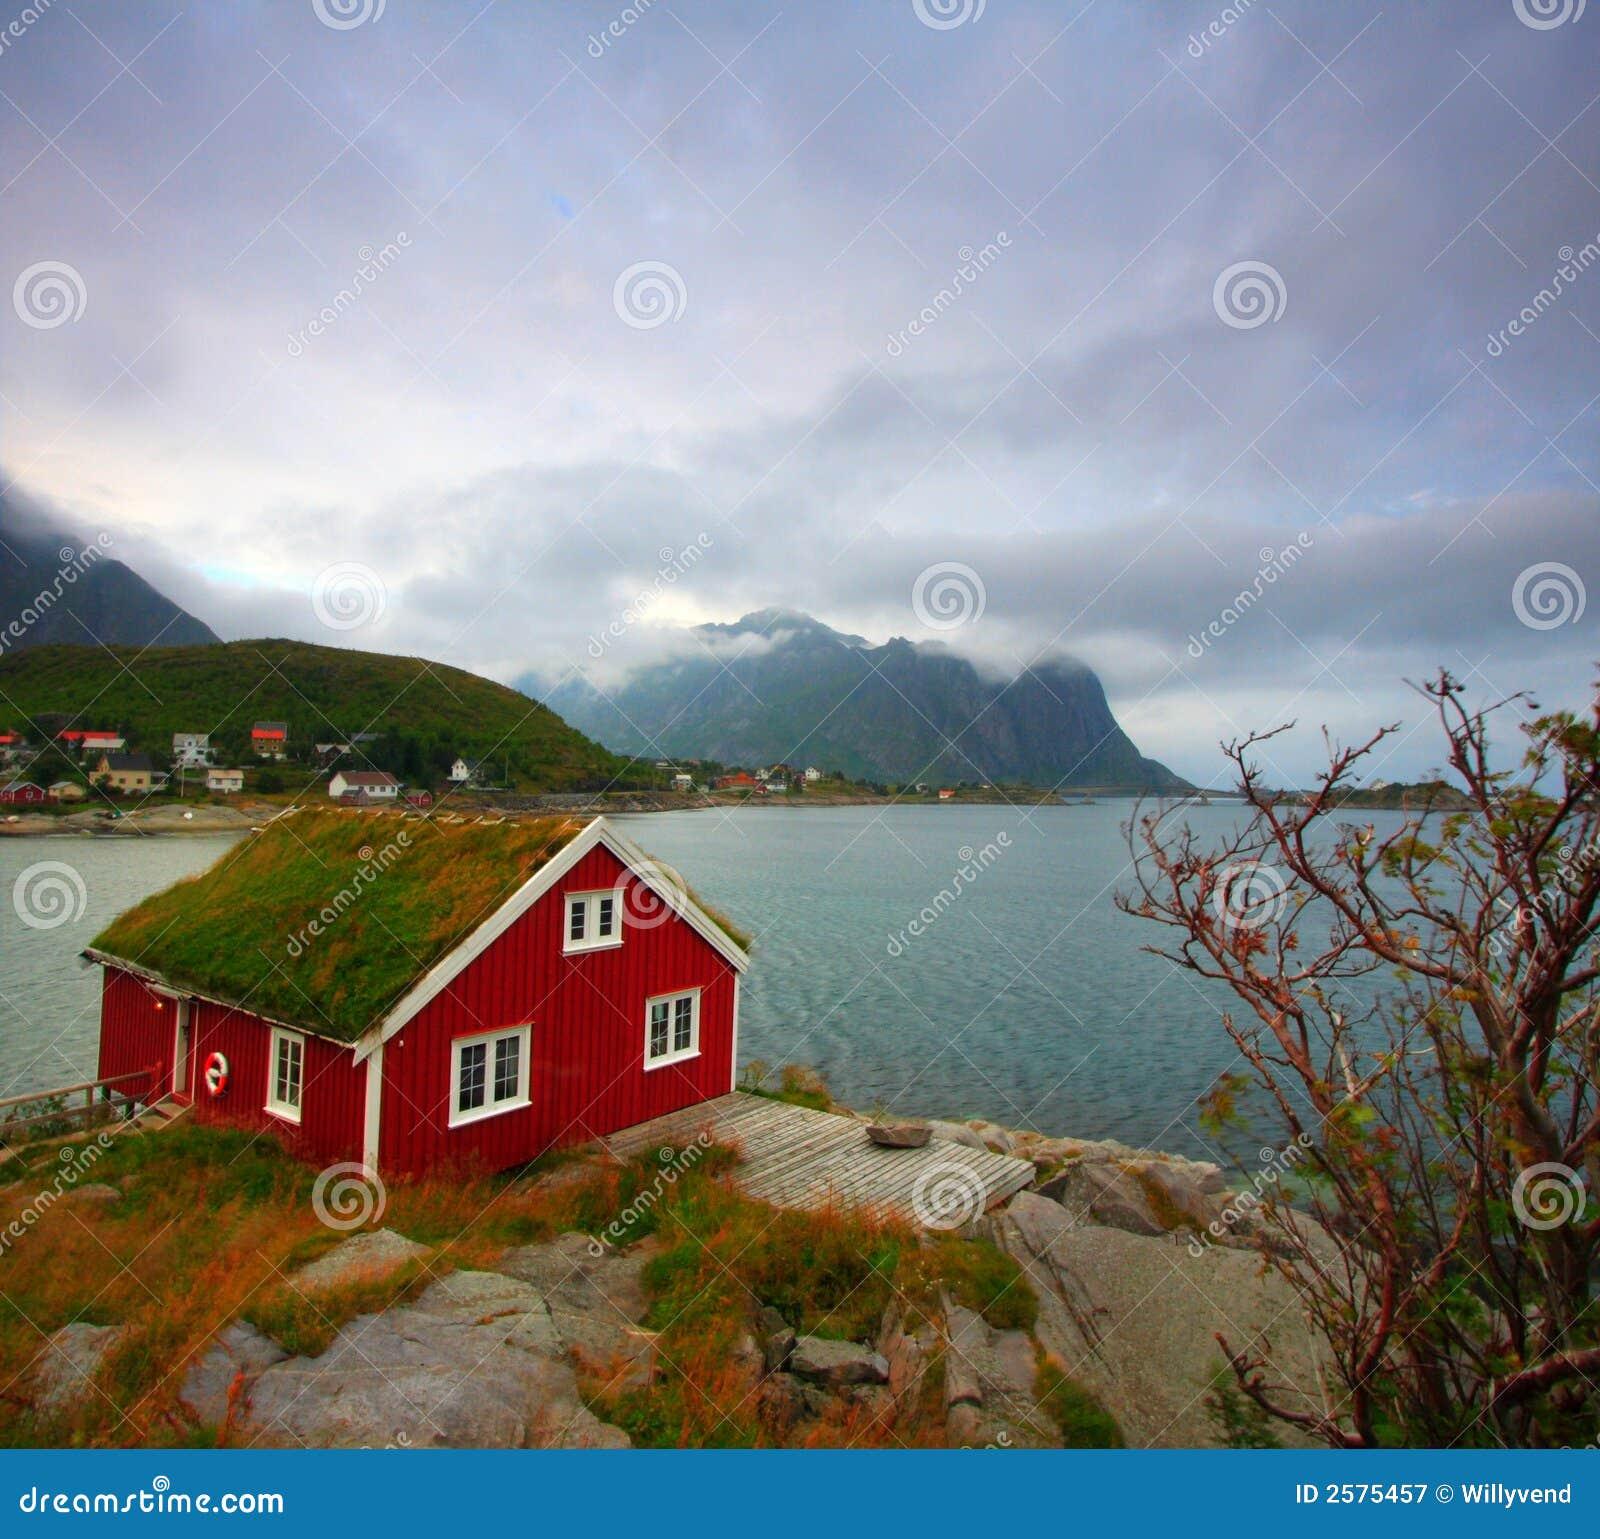 Rotes Haus Und Meer Lizenzfreie Stockfotografie Bild